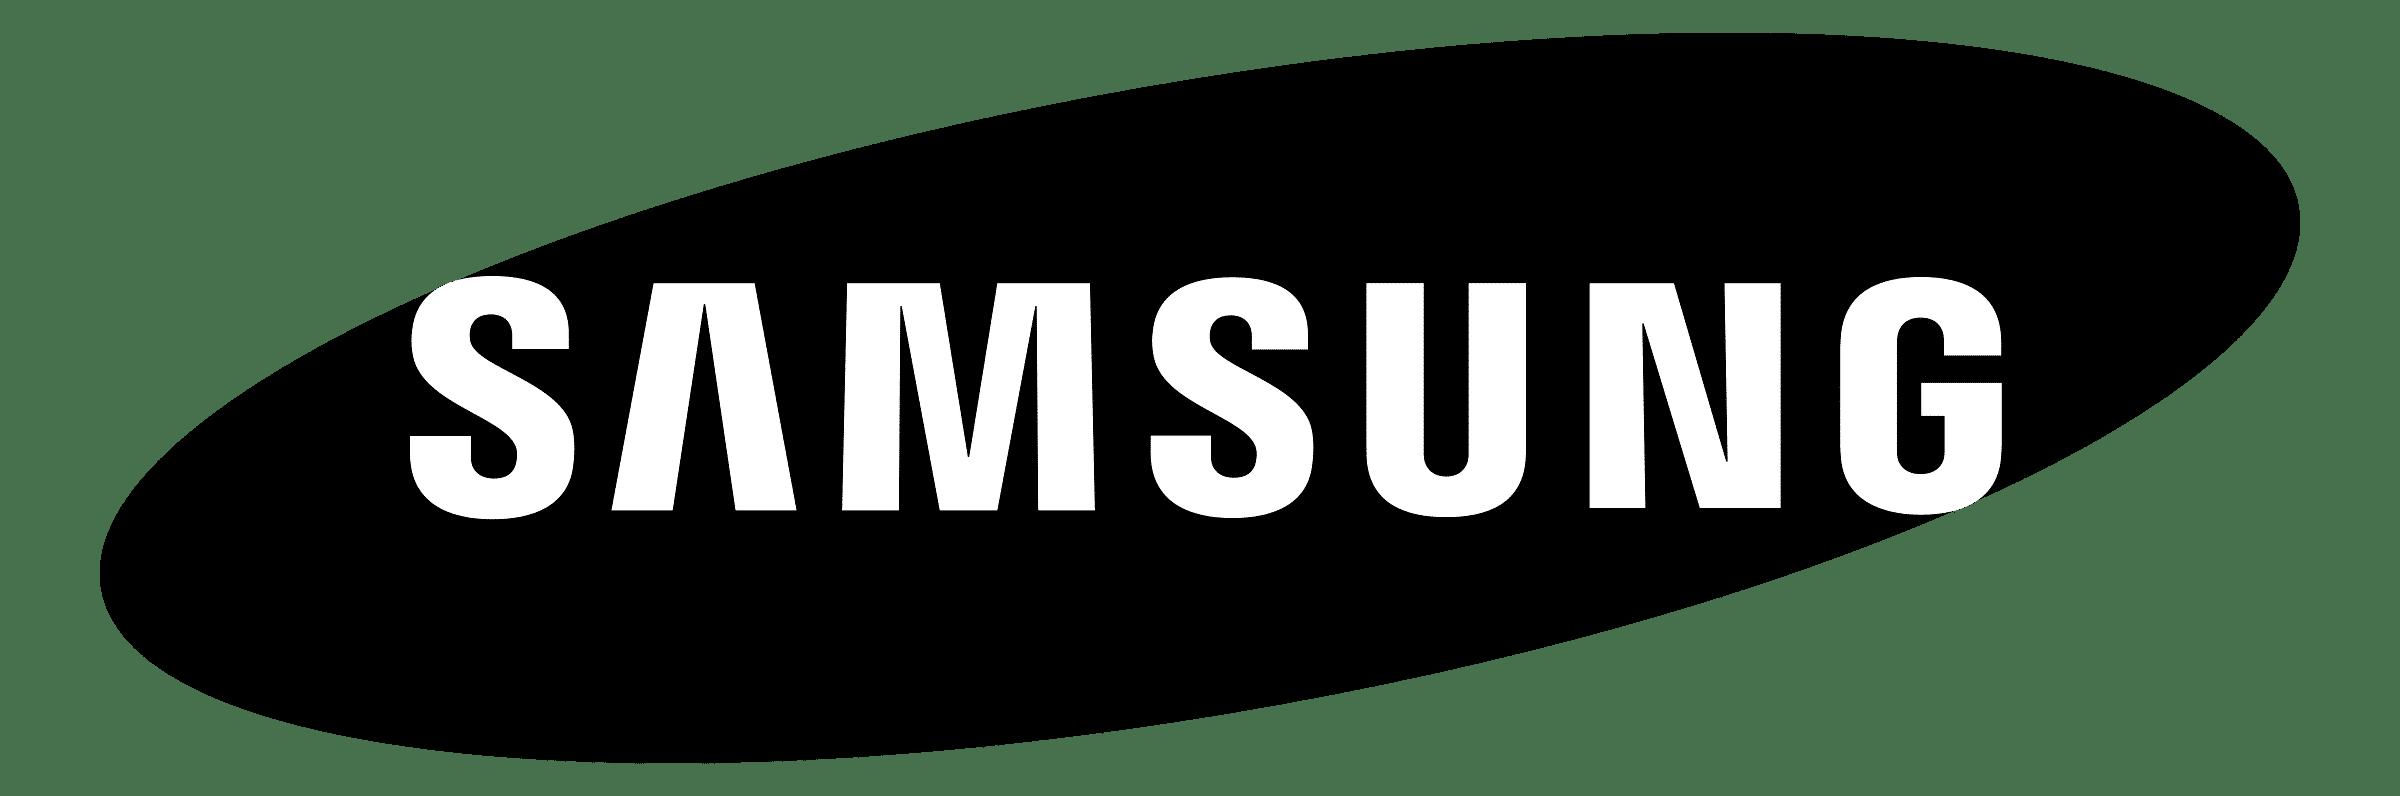 samsung-logo-black-transparent